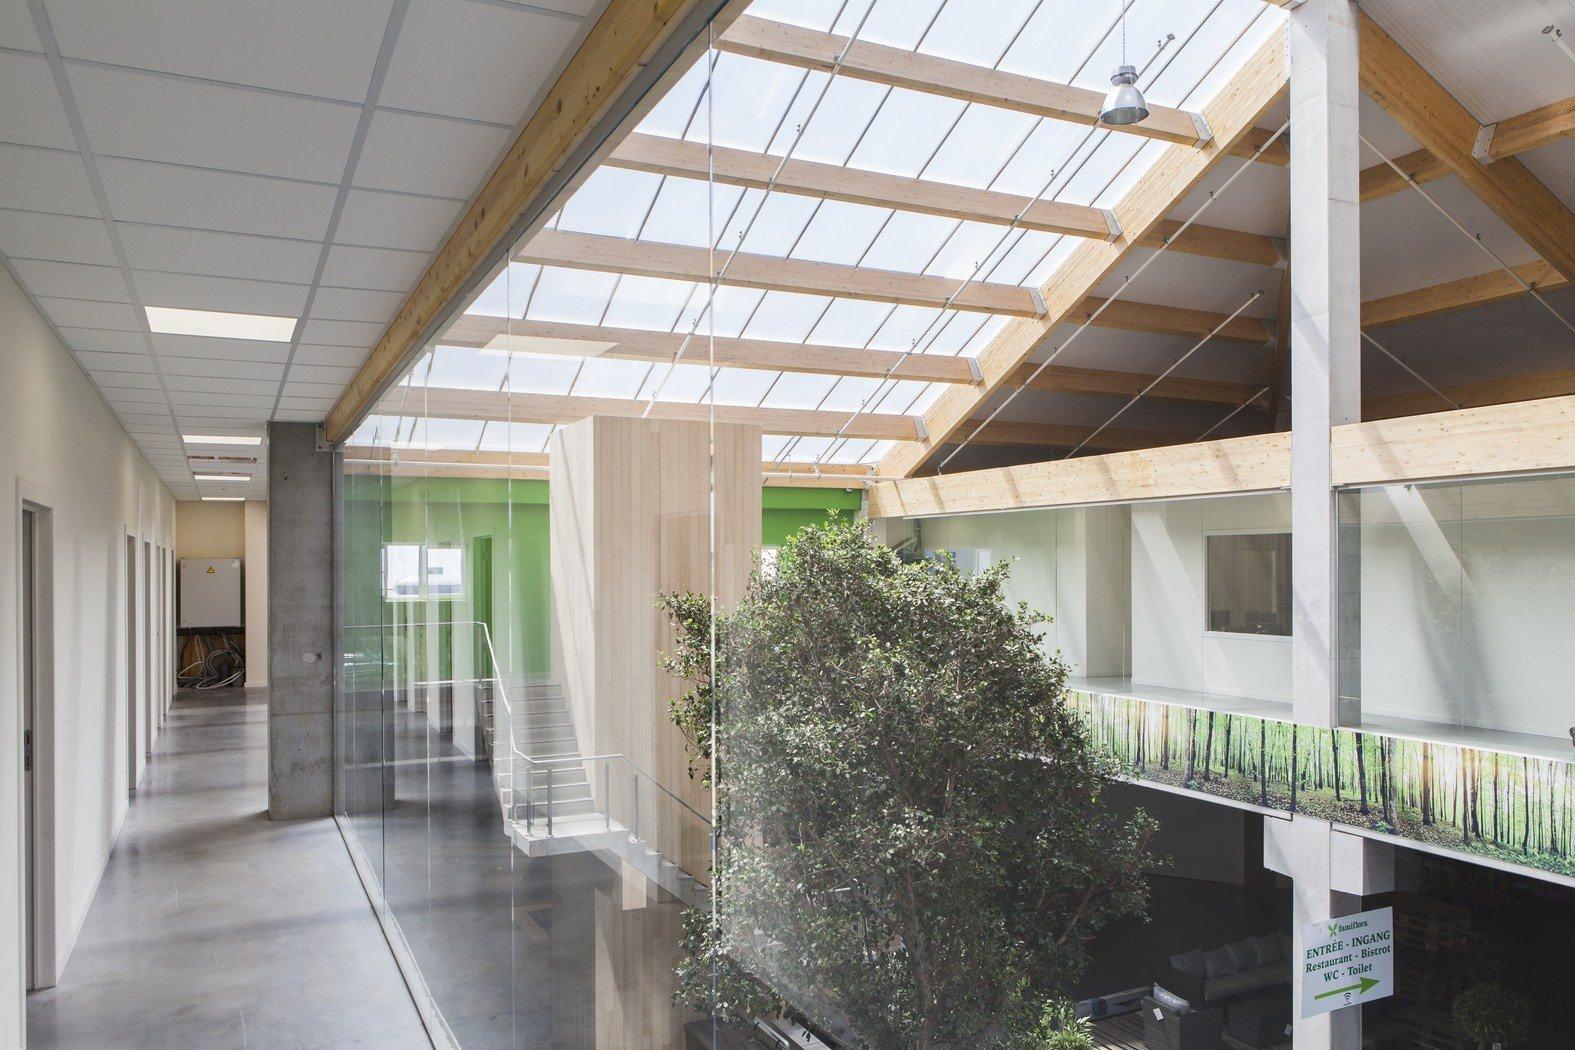 tuincenter famiflora Dottenijs (61)